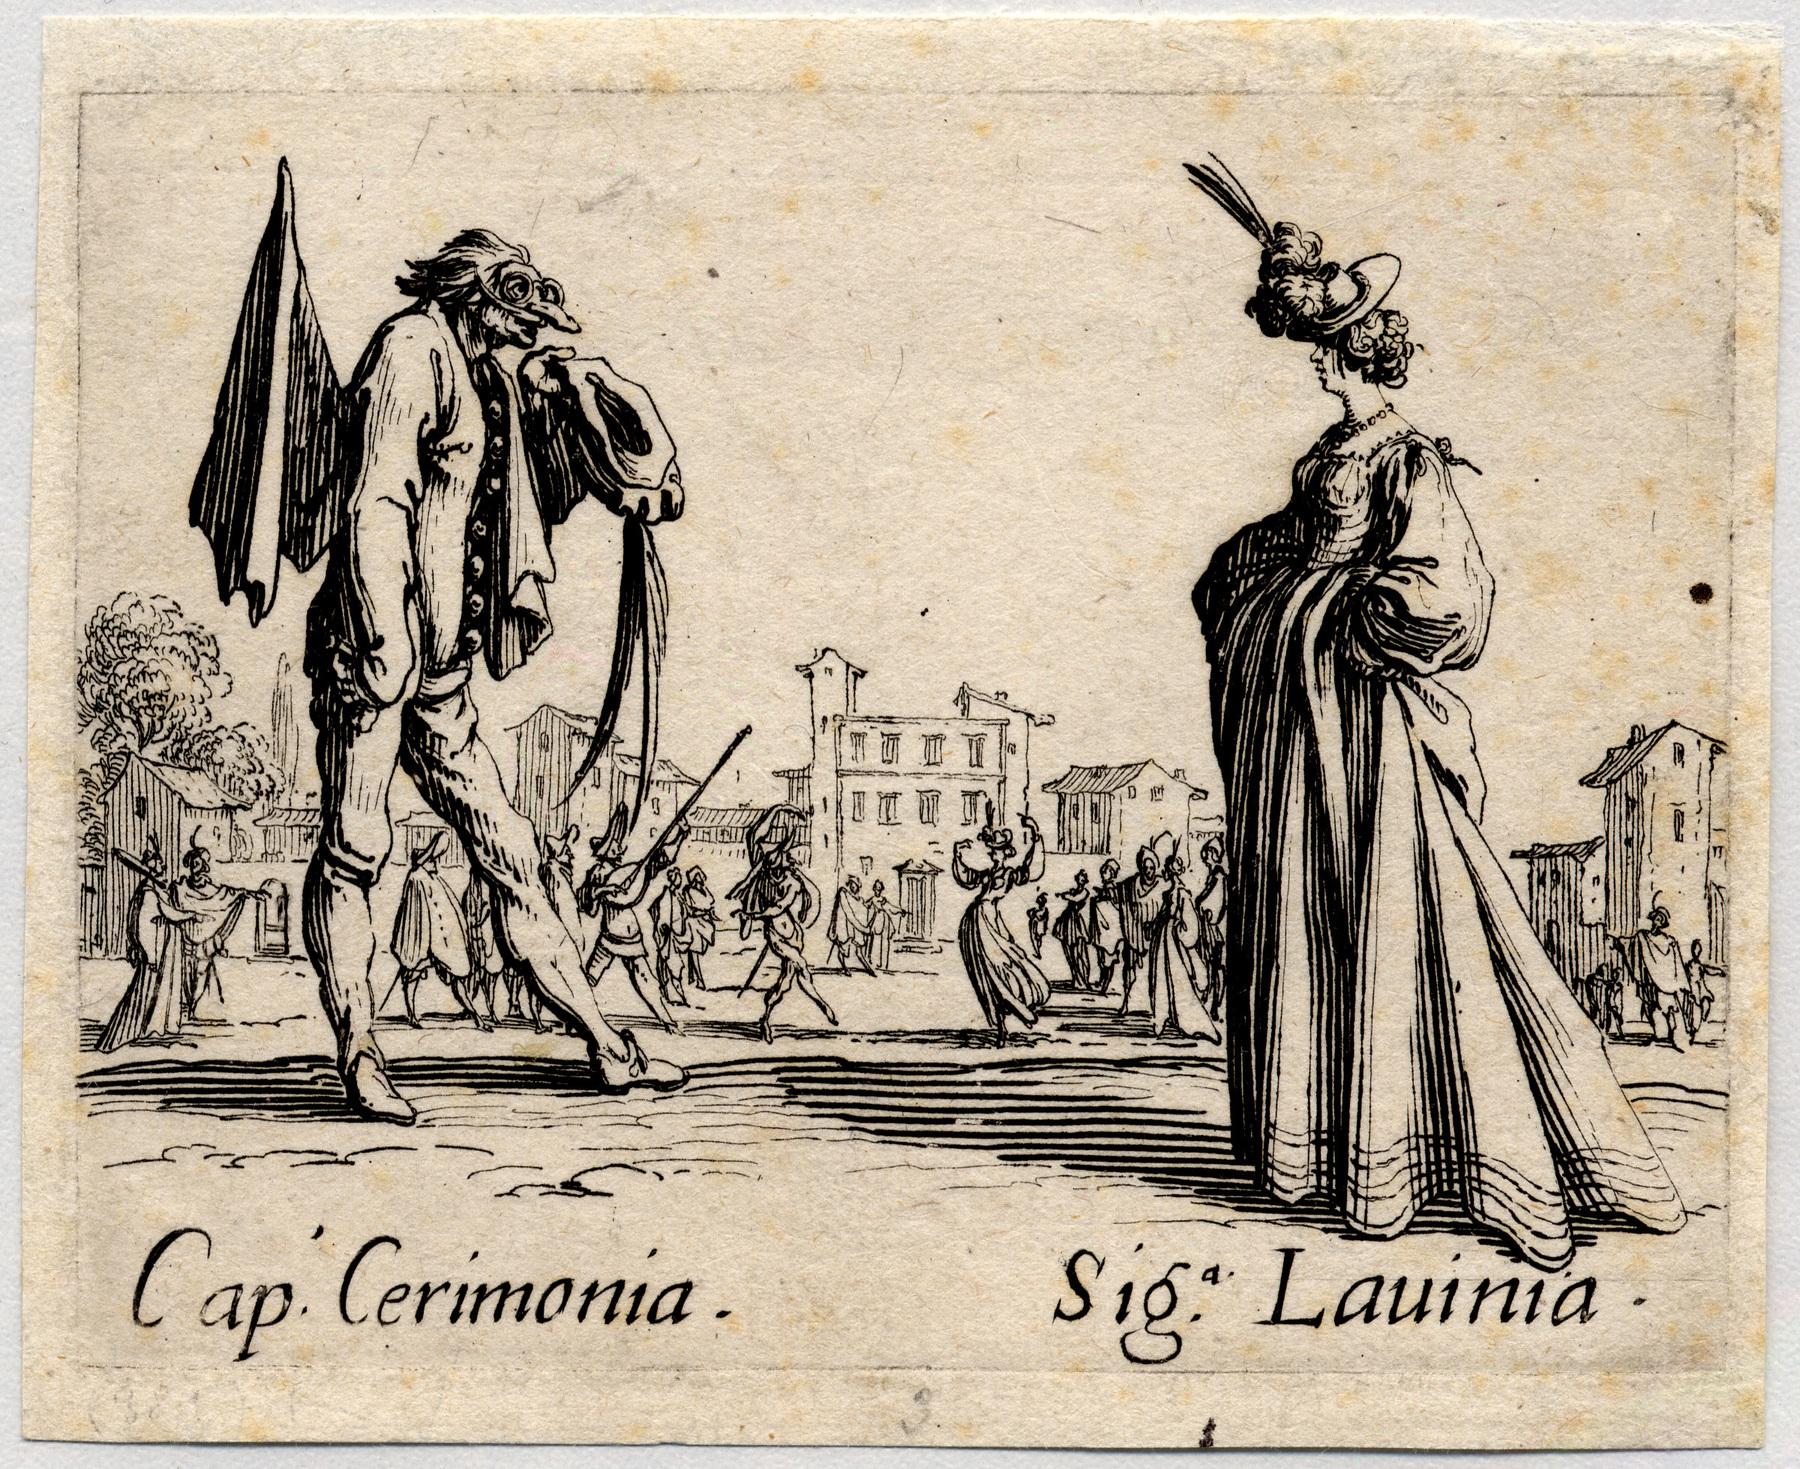 Contenu du Balli di Sfessania : Capitaine Cerimonia, signora Lavinia